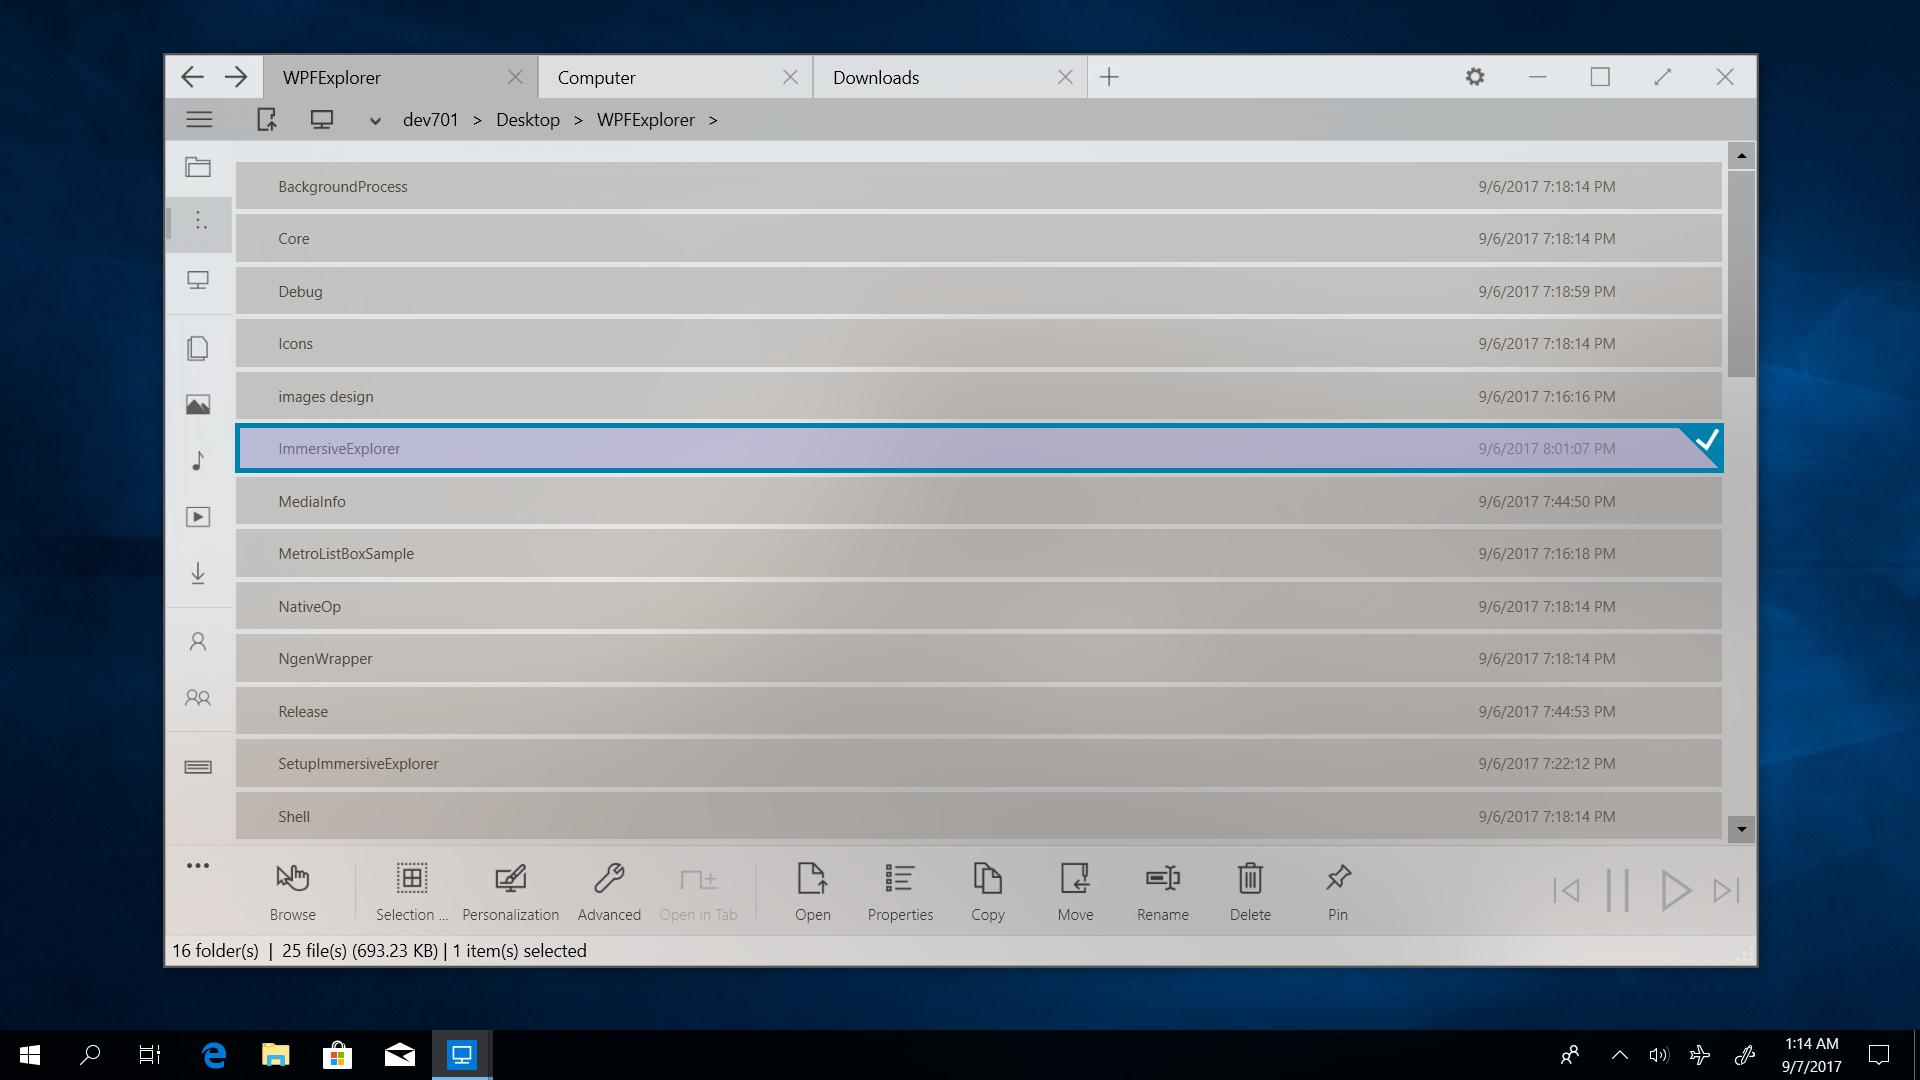 Immersive Explorer - A modern file explorer for Windows 10